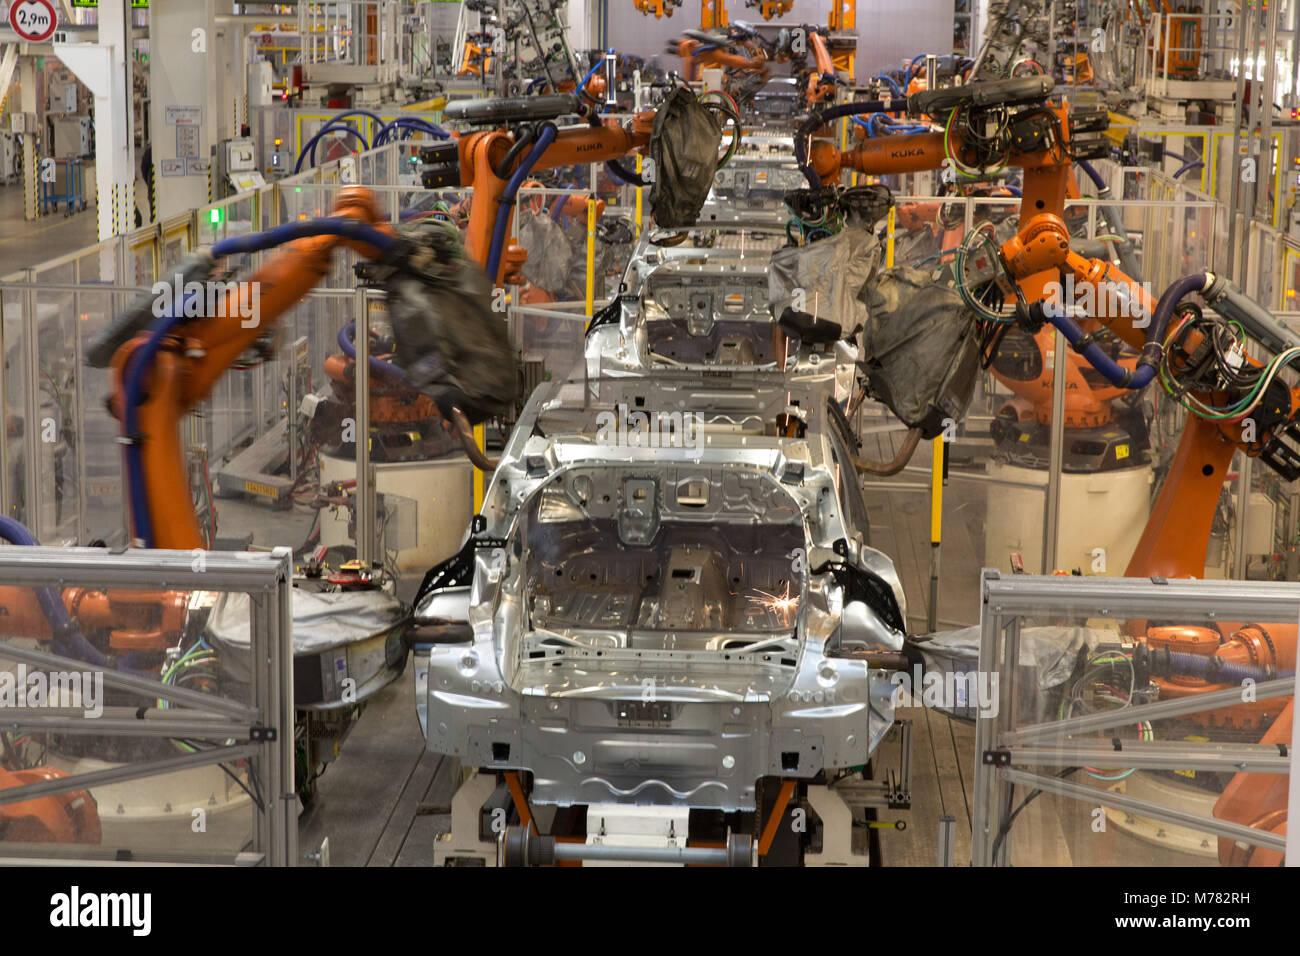 Volkswagen Arteon Stockfotos & Volkswagen Arteon Bilder - Alamy